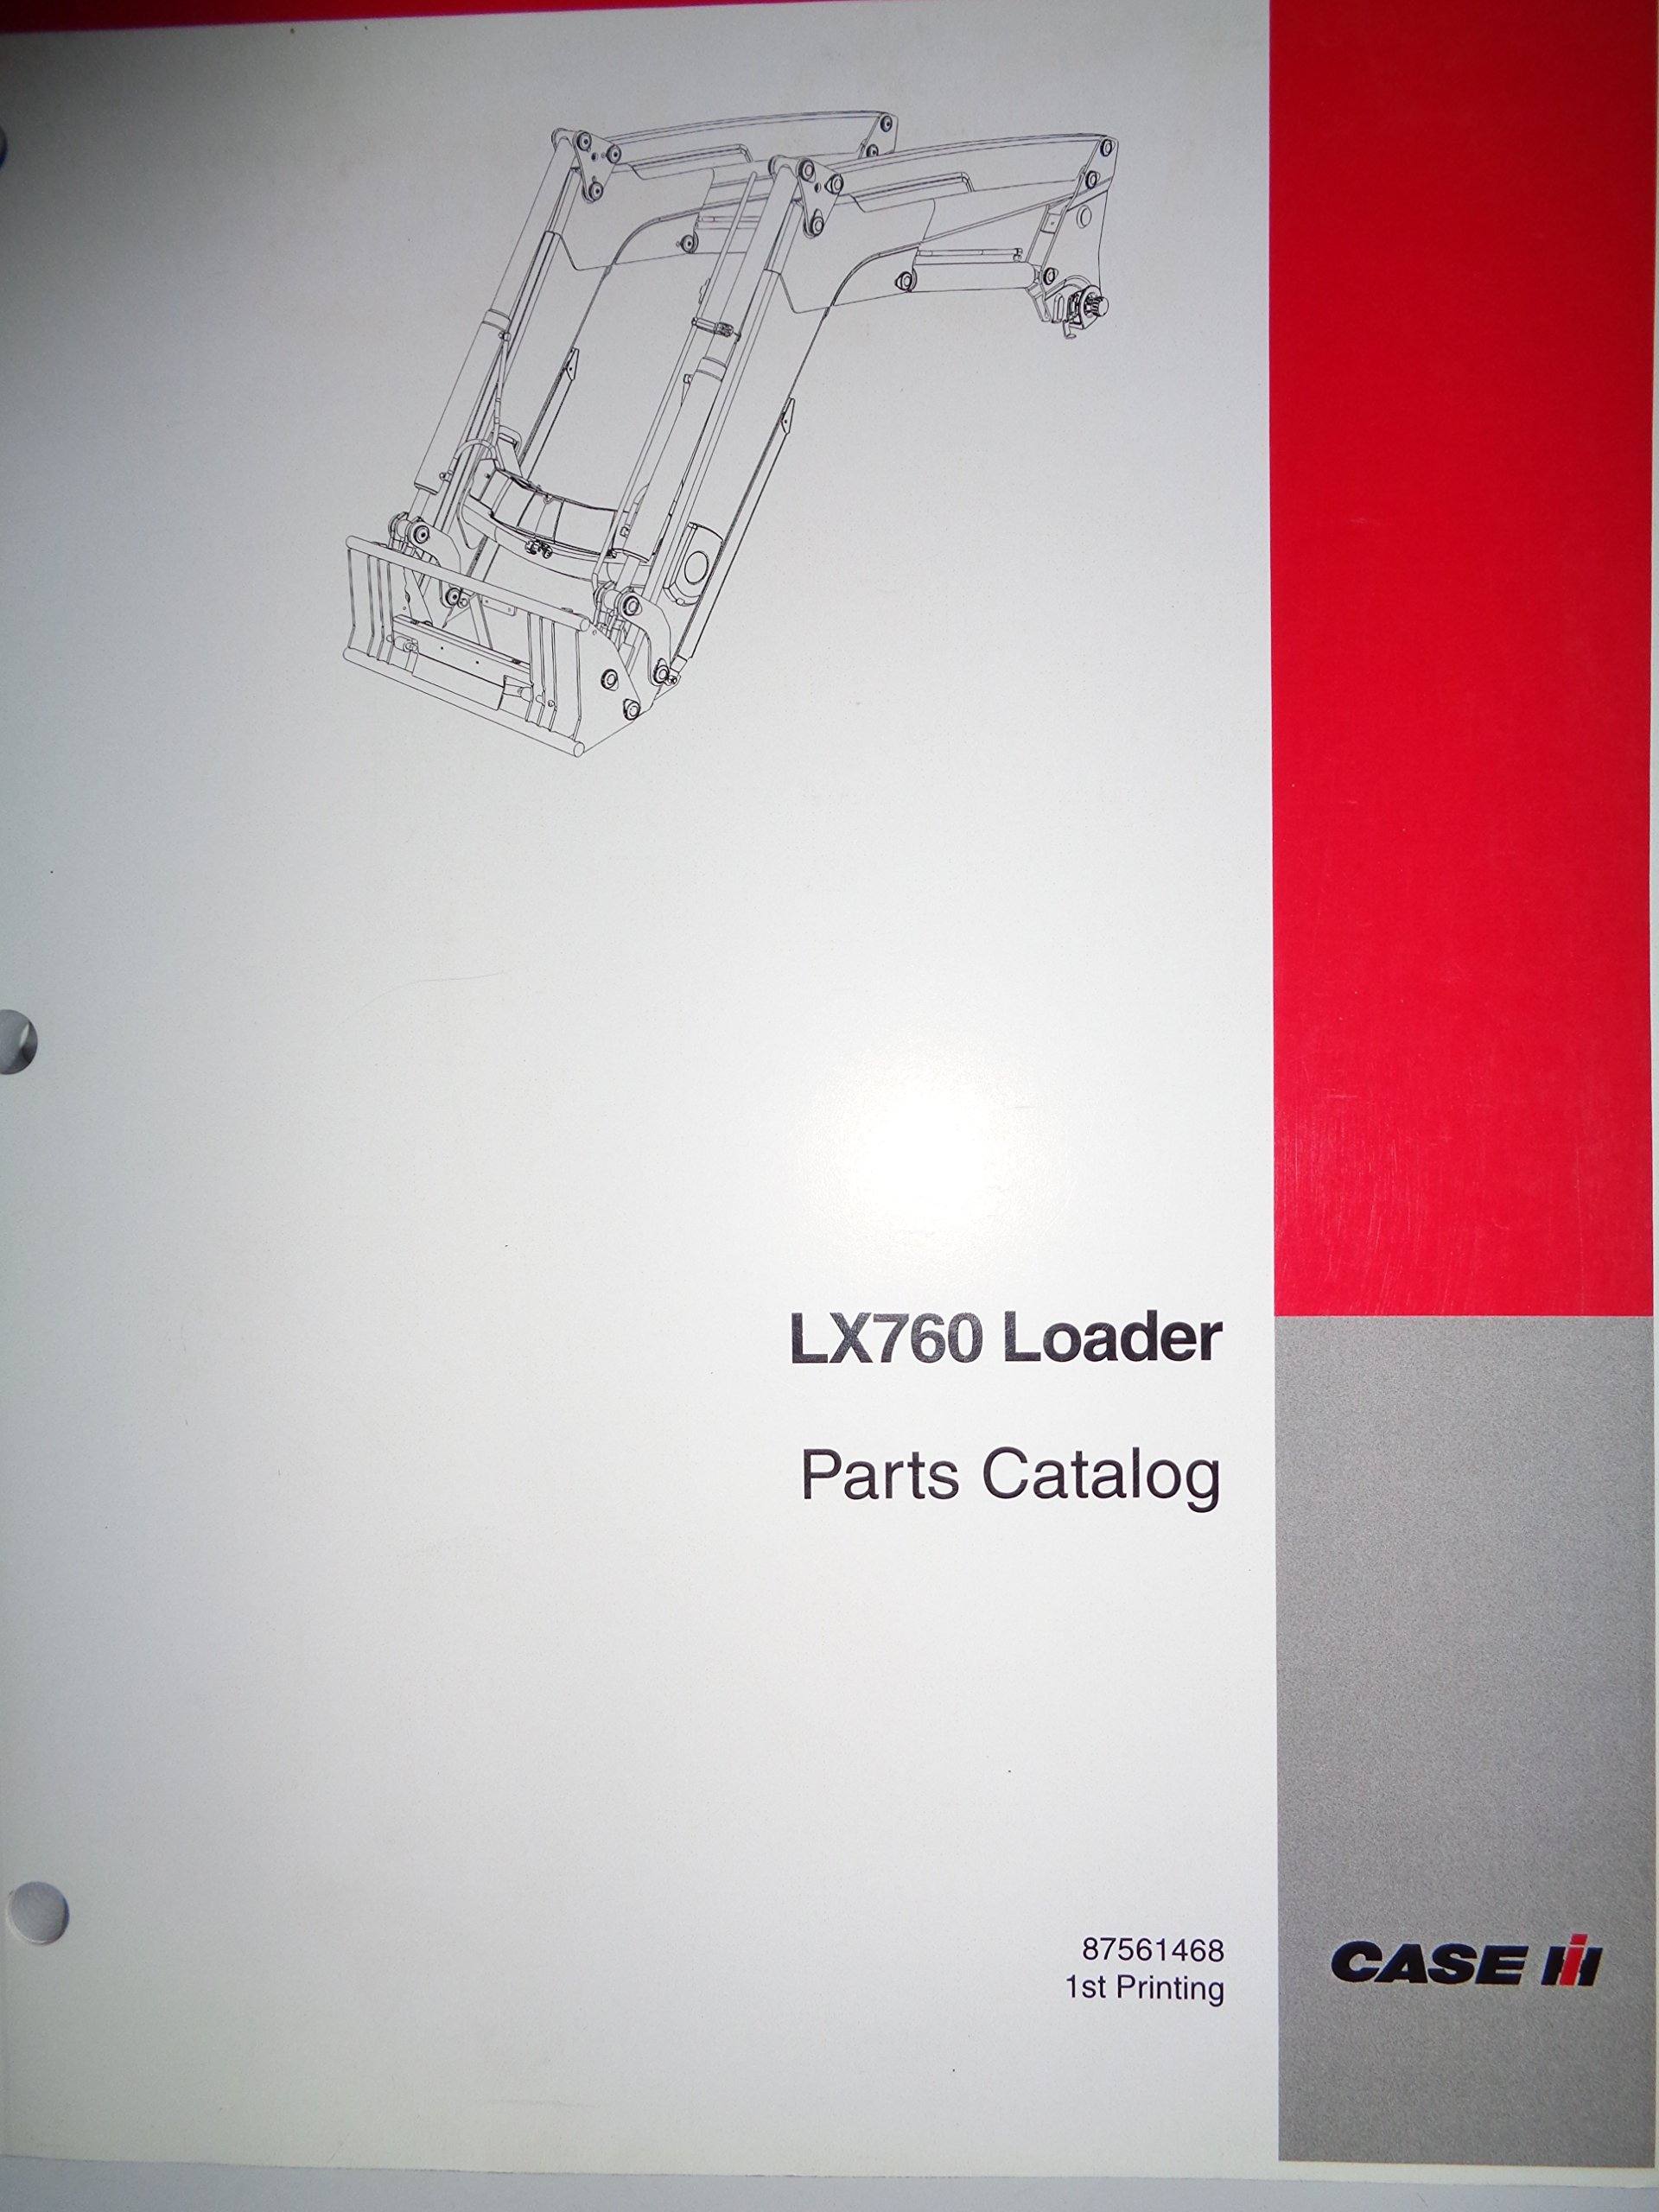 Case IH LX760 Loader Parts Catalog Book Manual 1/07 87561468: Case